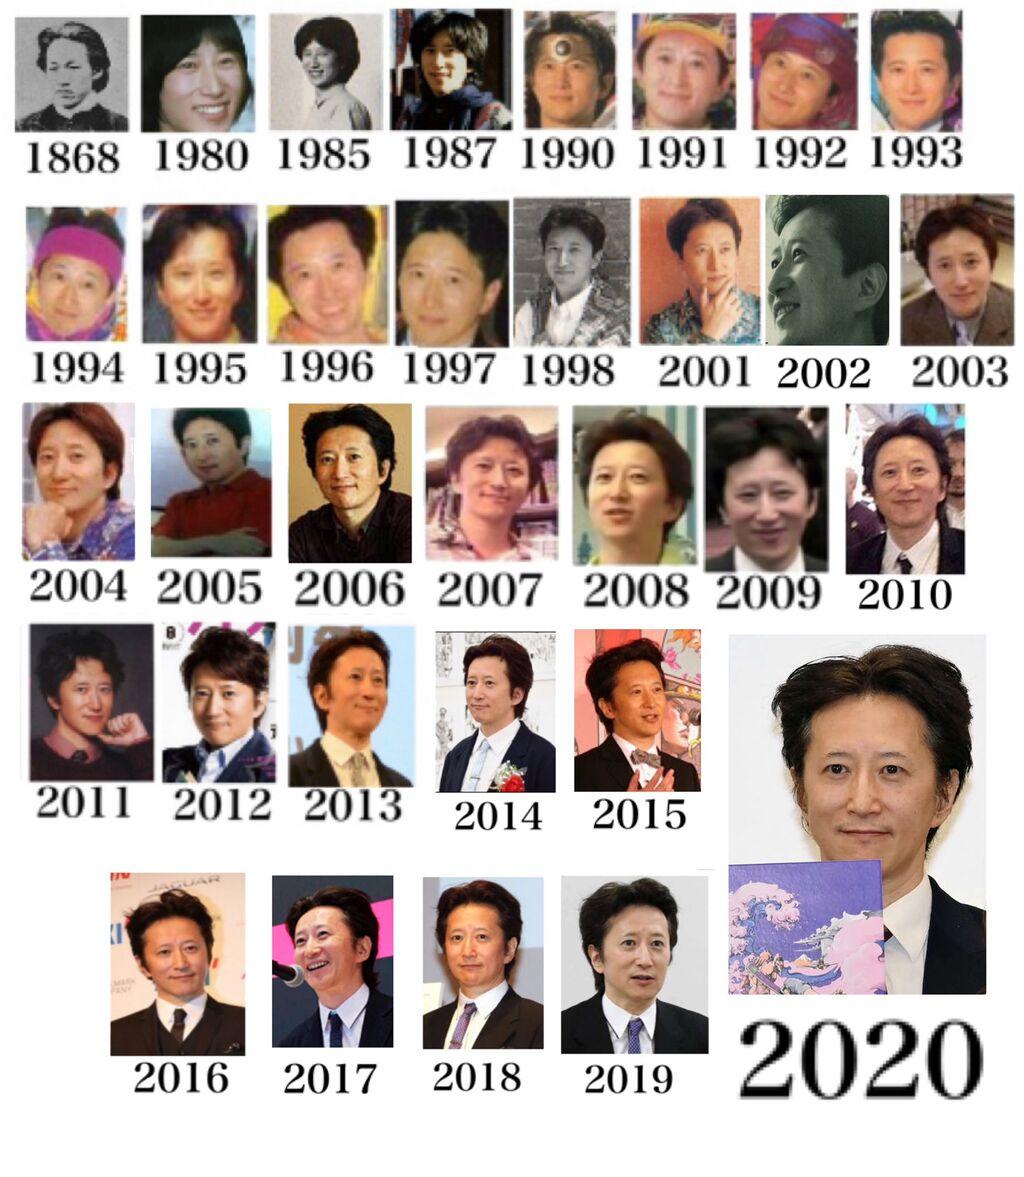 【ジョジョ】2020年の荒木飛呂彦先生、ちょっとだけ老ける